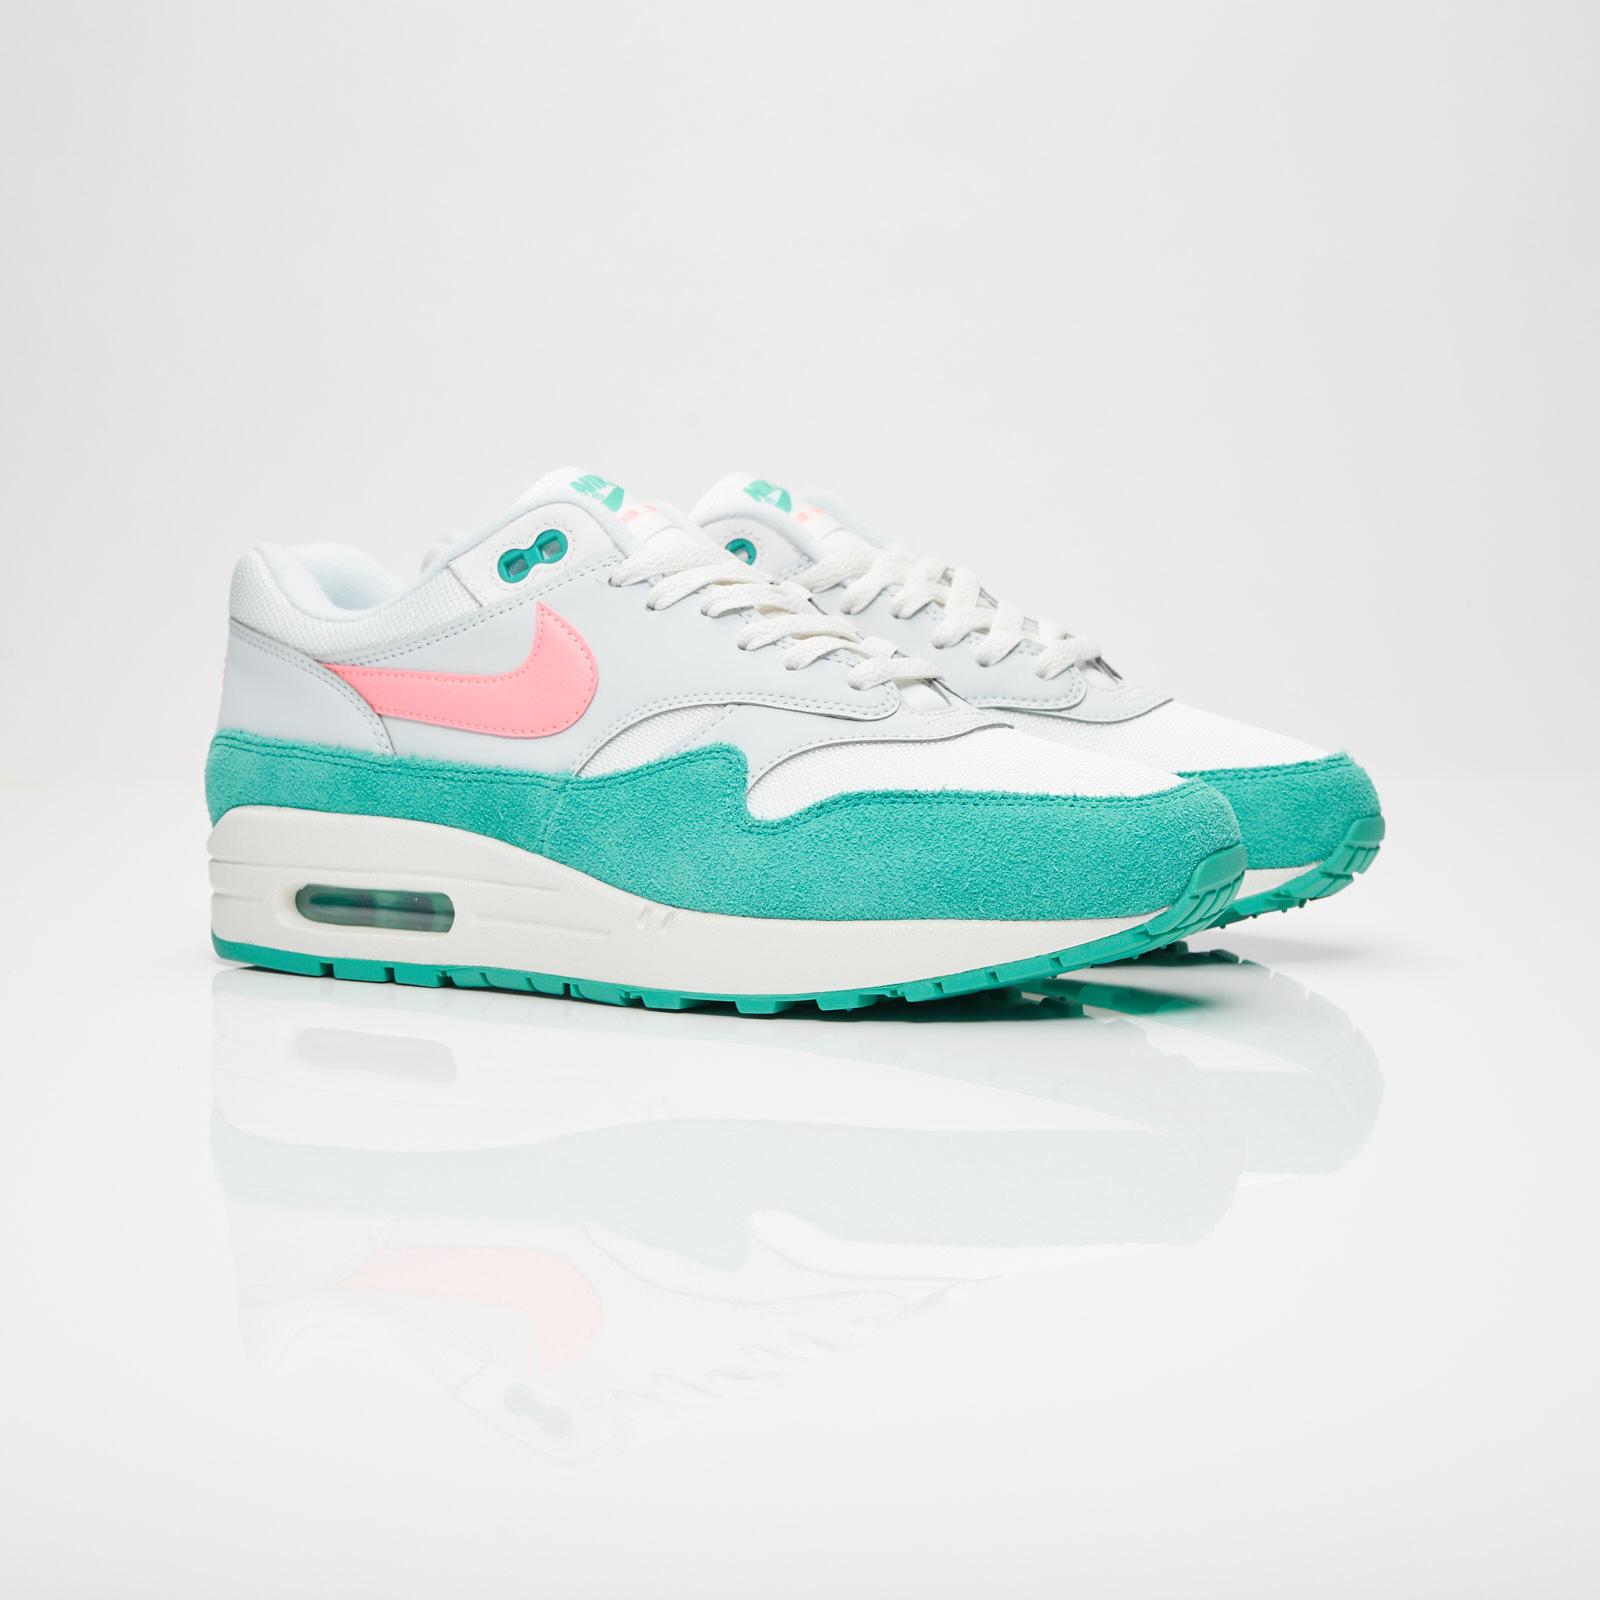 16efabc67a Nike Air Max 1 - Ah8145-106 - Sneakersnstuff   sneakers & streetwear ...